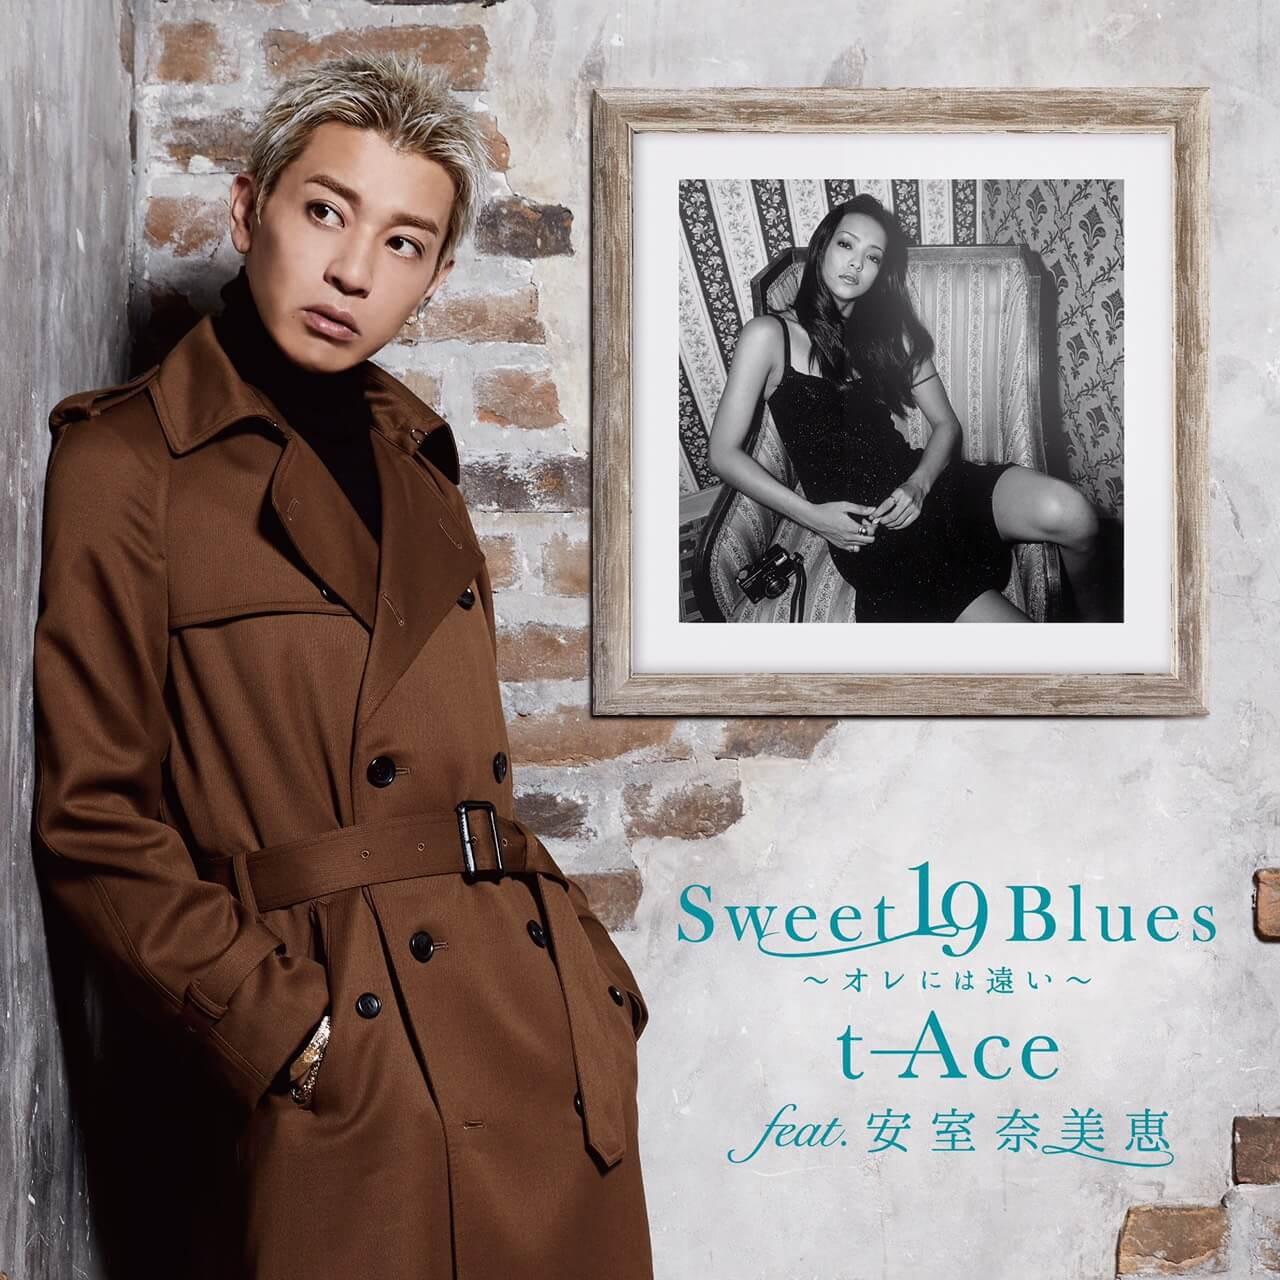 """令和の""""クズなRockStar""""t-Aceが平成の歌姫・安室奈美恵さん引退後初フィーチャリング楽曲を発売"""